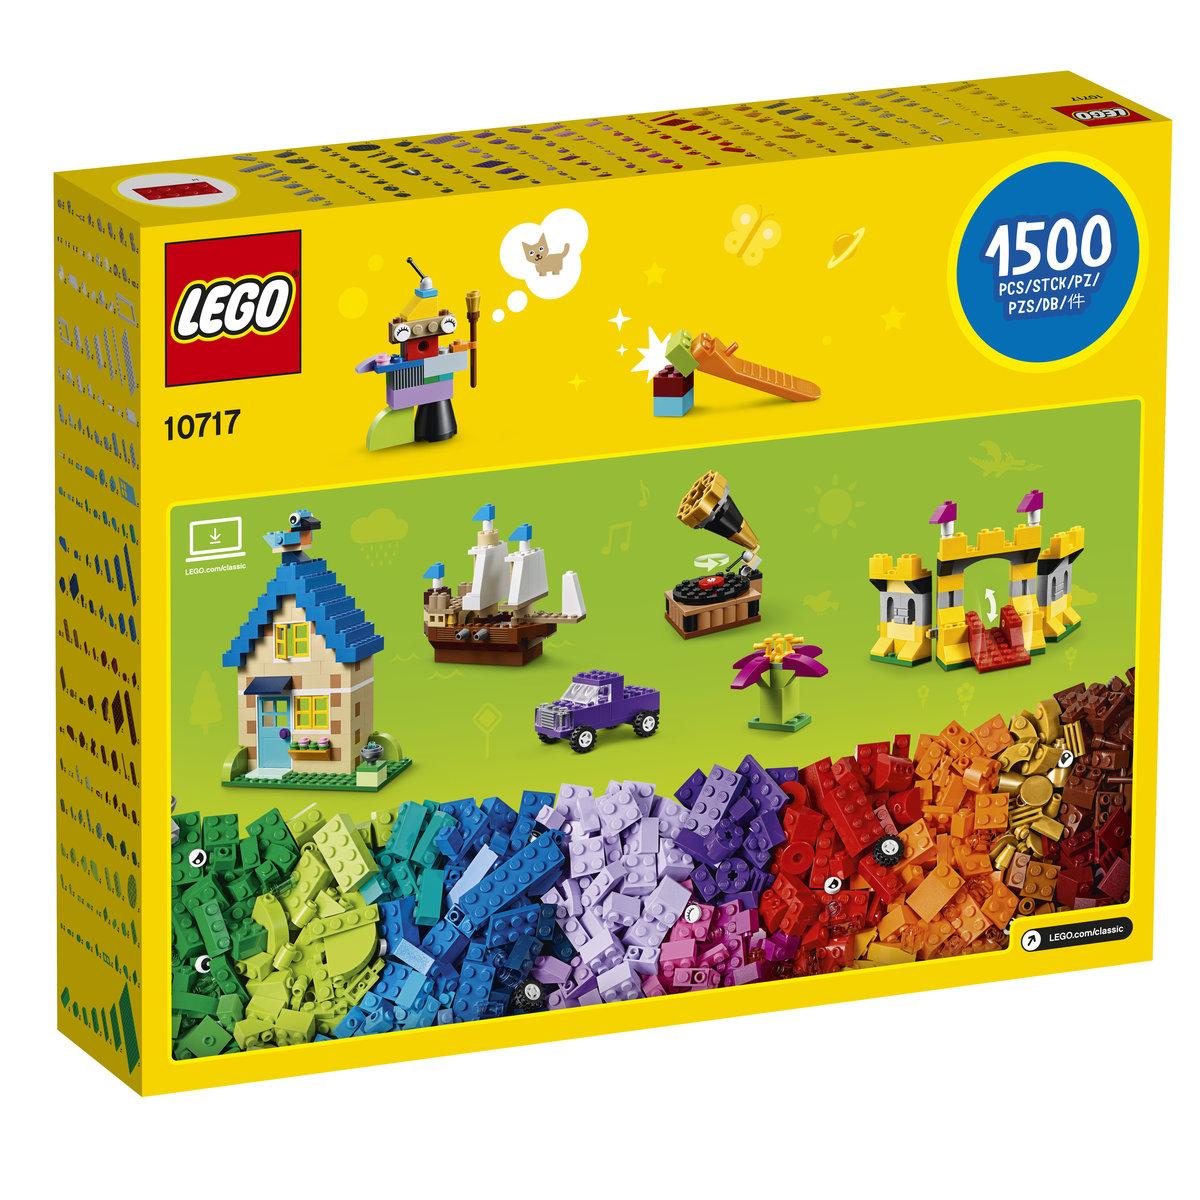 LEGO Classic, klocki, 10717 Lego | Sklep EMPIK.COM